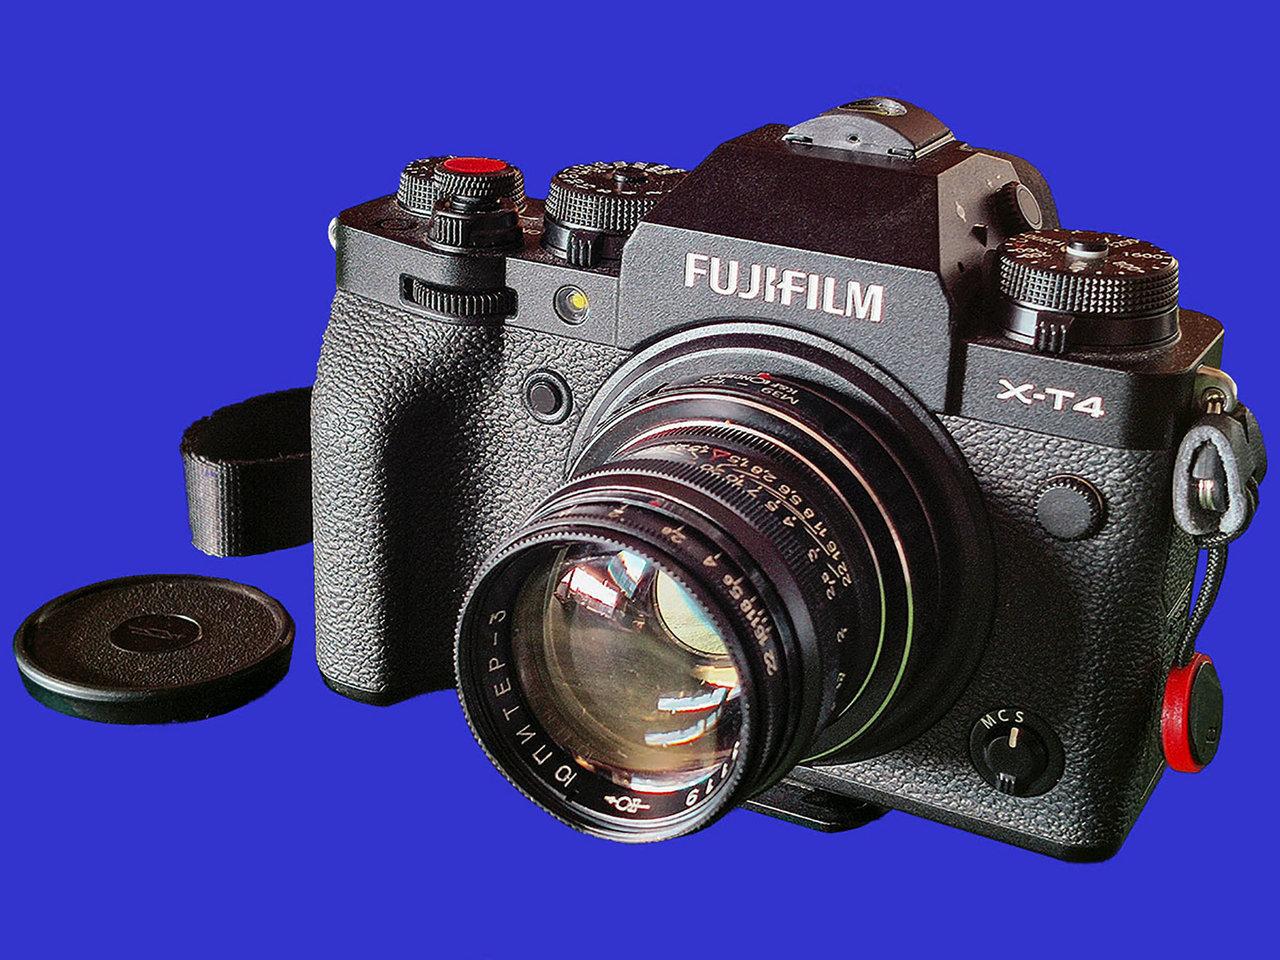 X-T4+Jupiter-3_1,5_50mm_1200x800_300.jpg